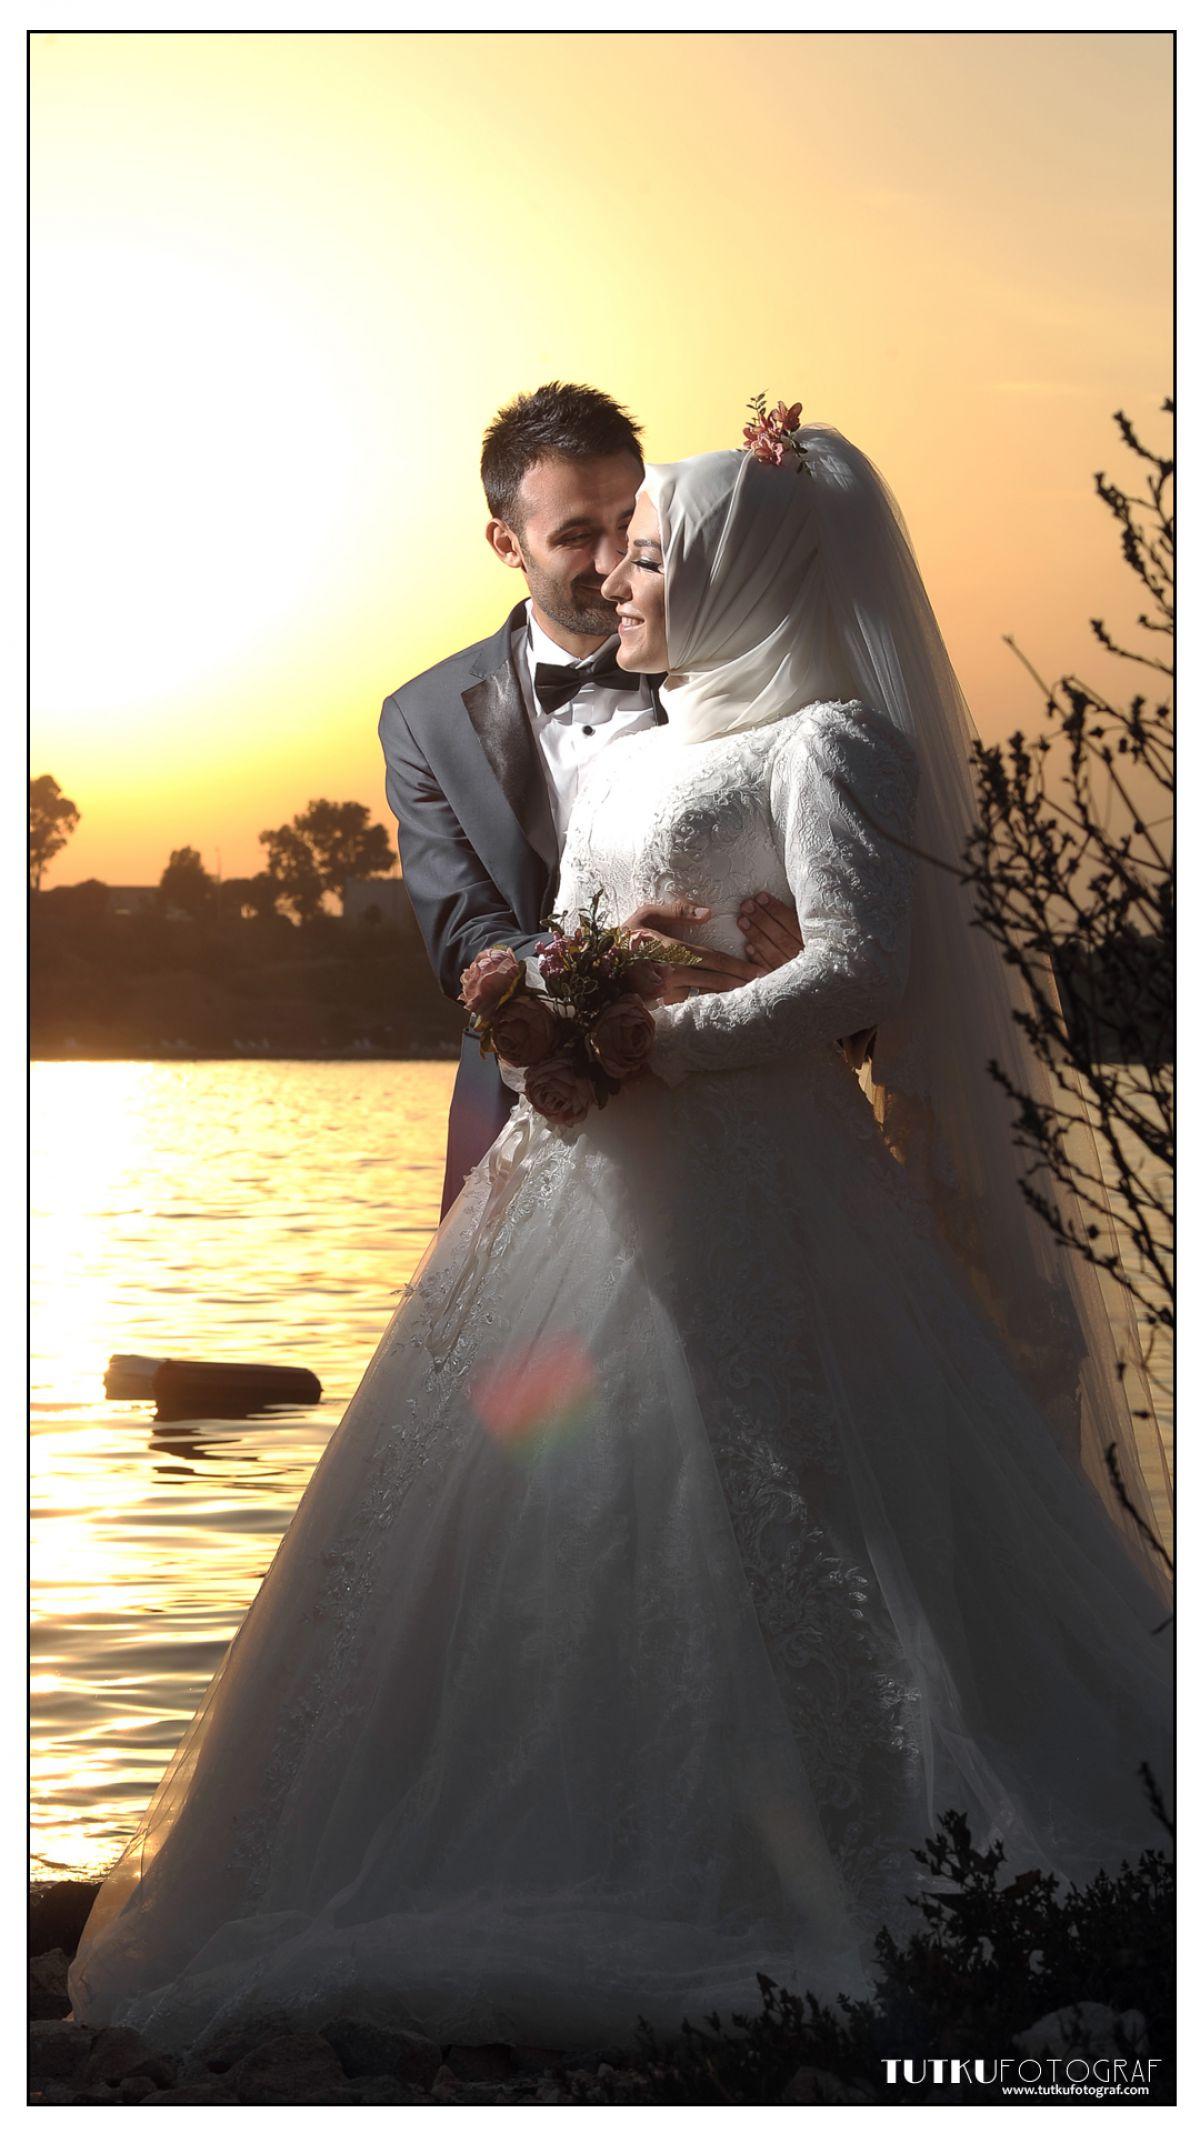 Dış Mekan Düğün Fotoğrafı Çekimi-Dis-Mekan-Dugun-Fotografi-Cekimi-3